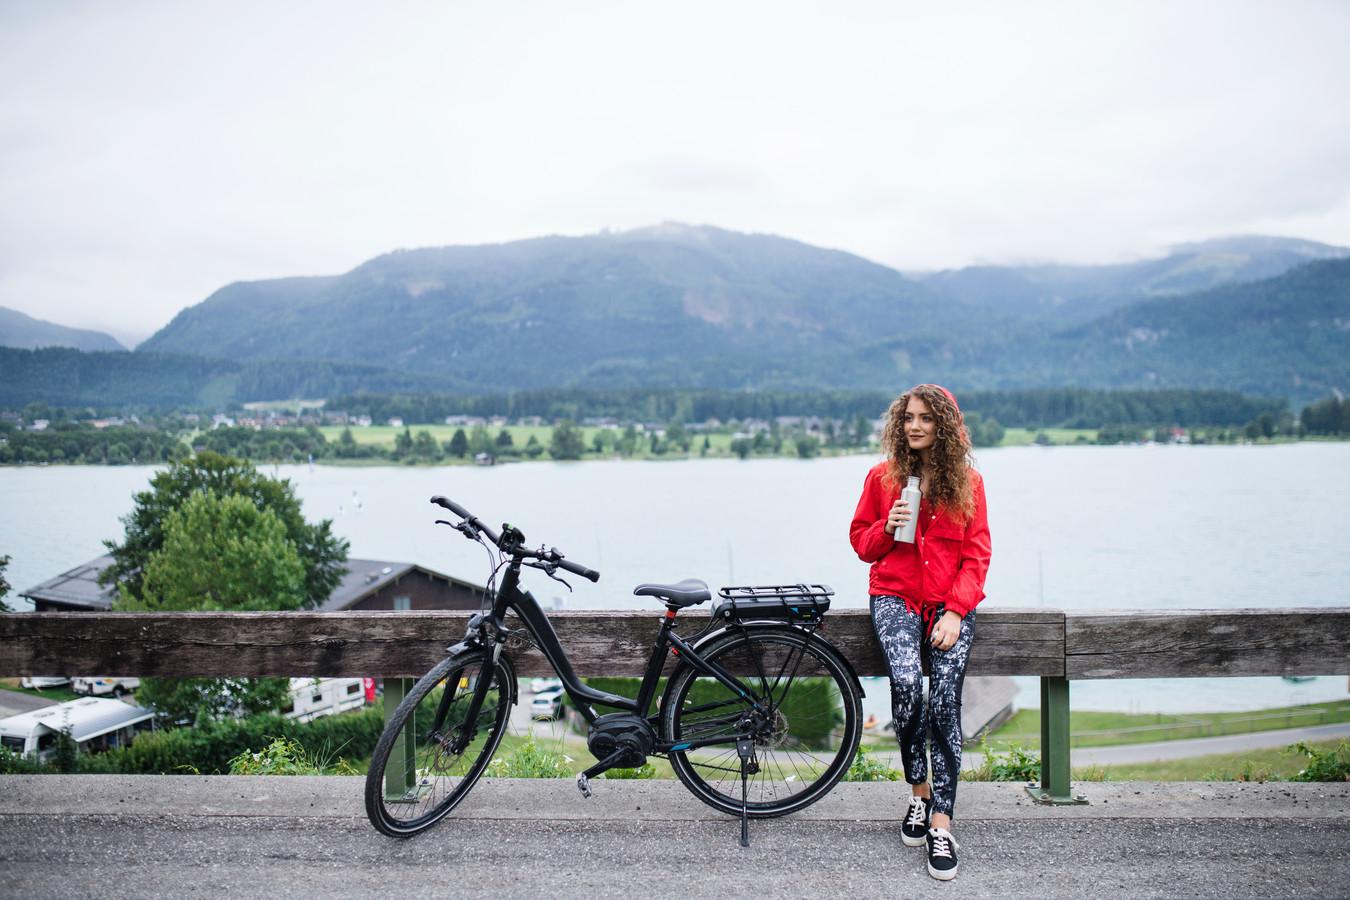 Elektrische fiets kopen? Op deze vijf dingen moet je letten